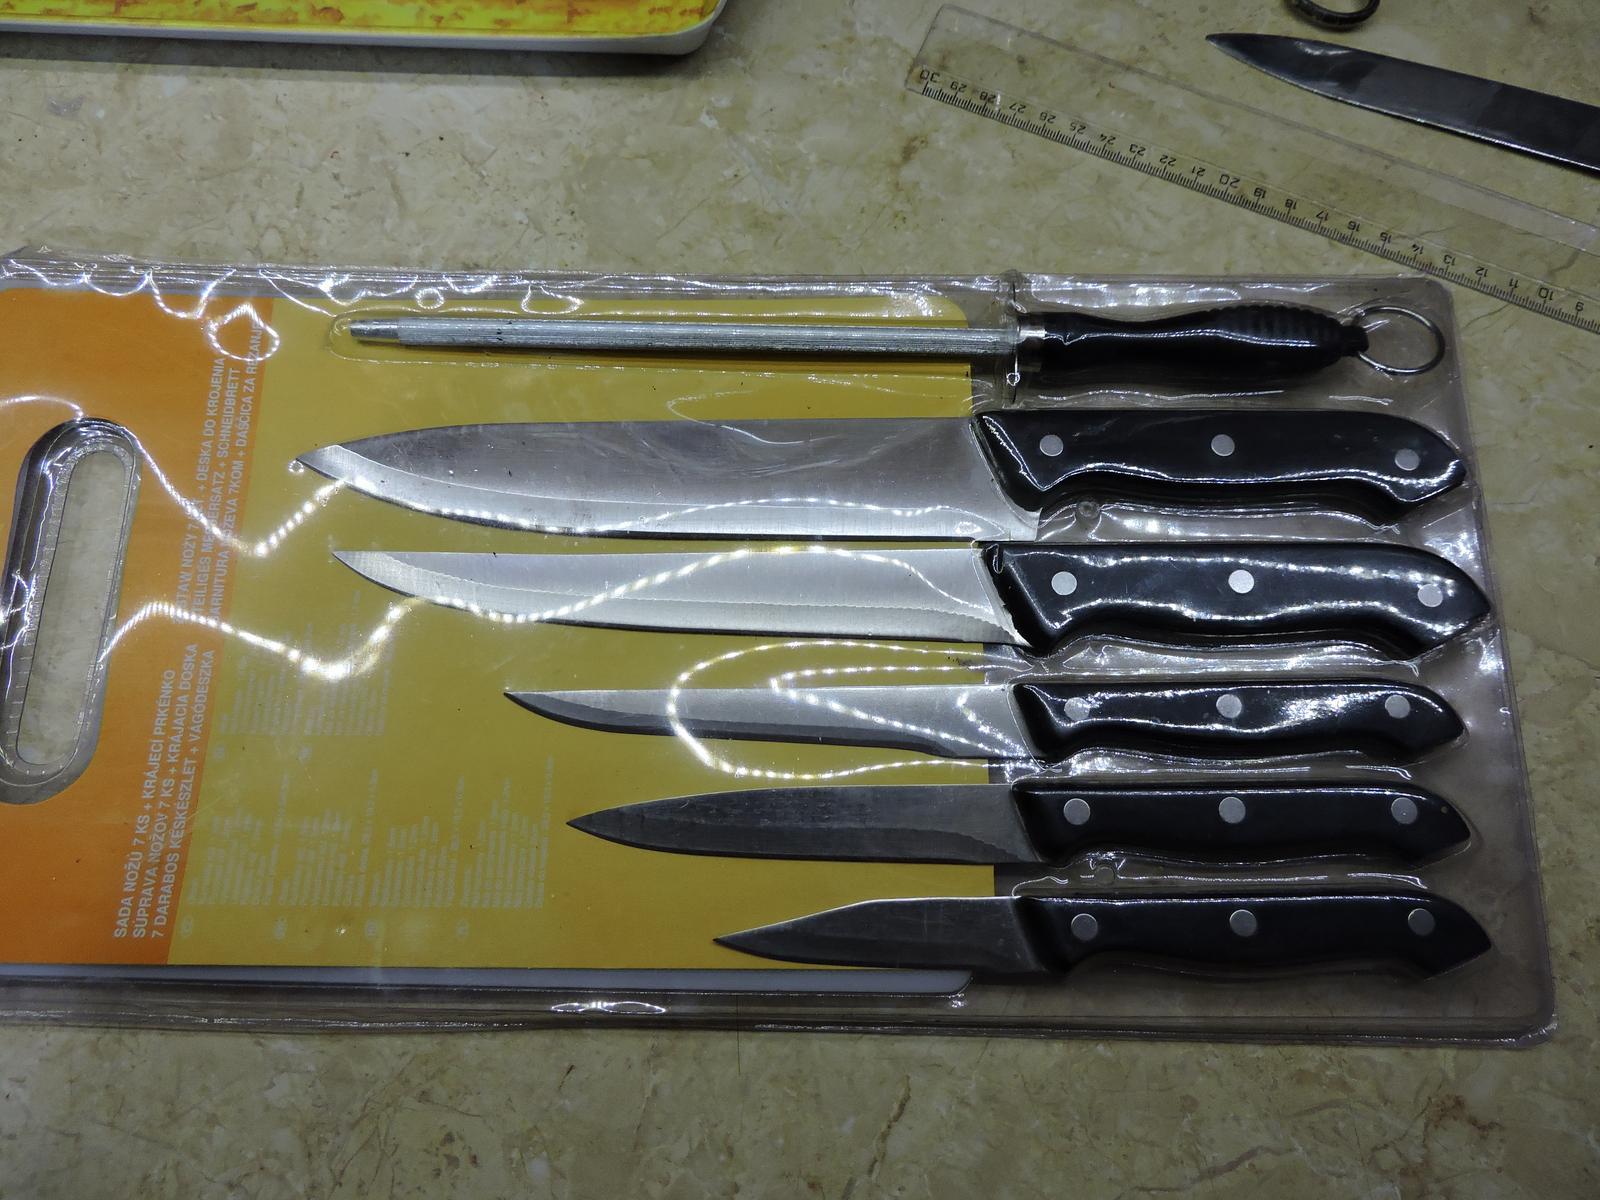 sada nožov s krájacou doskou - Obrázok č. 2